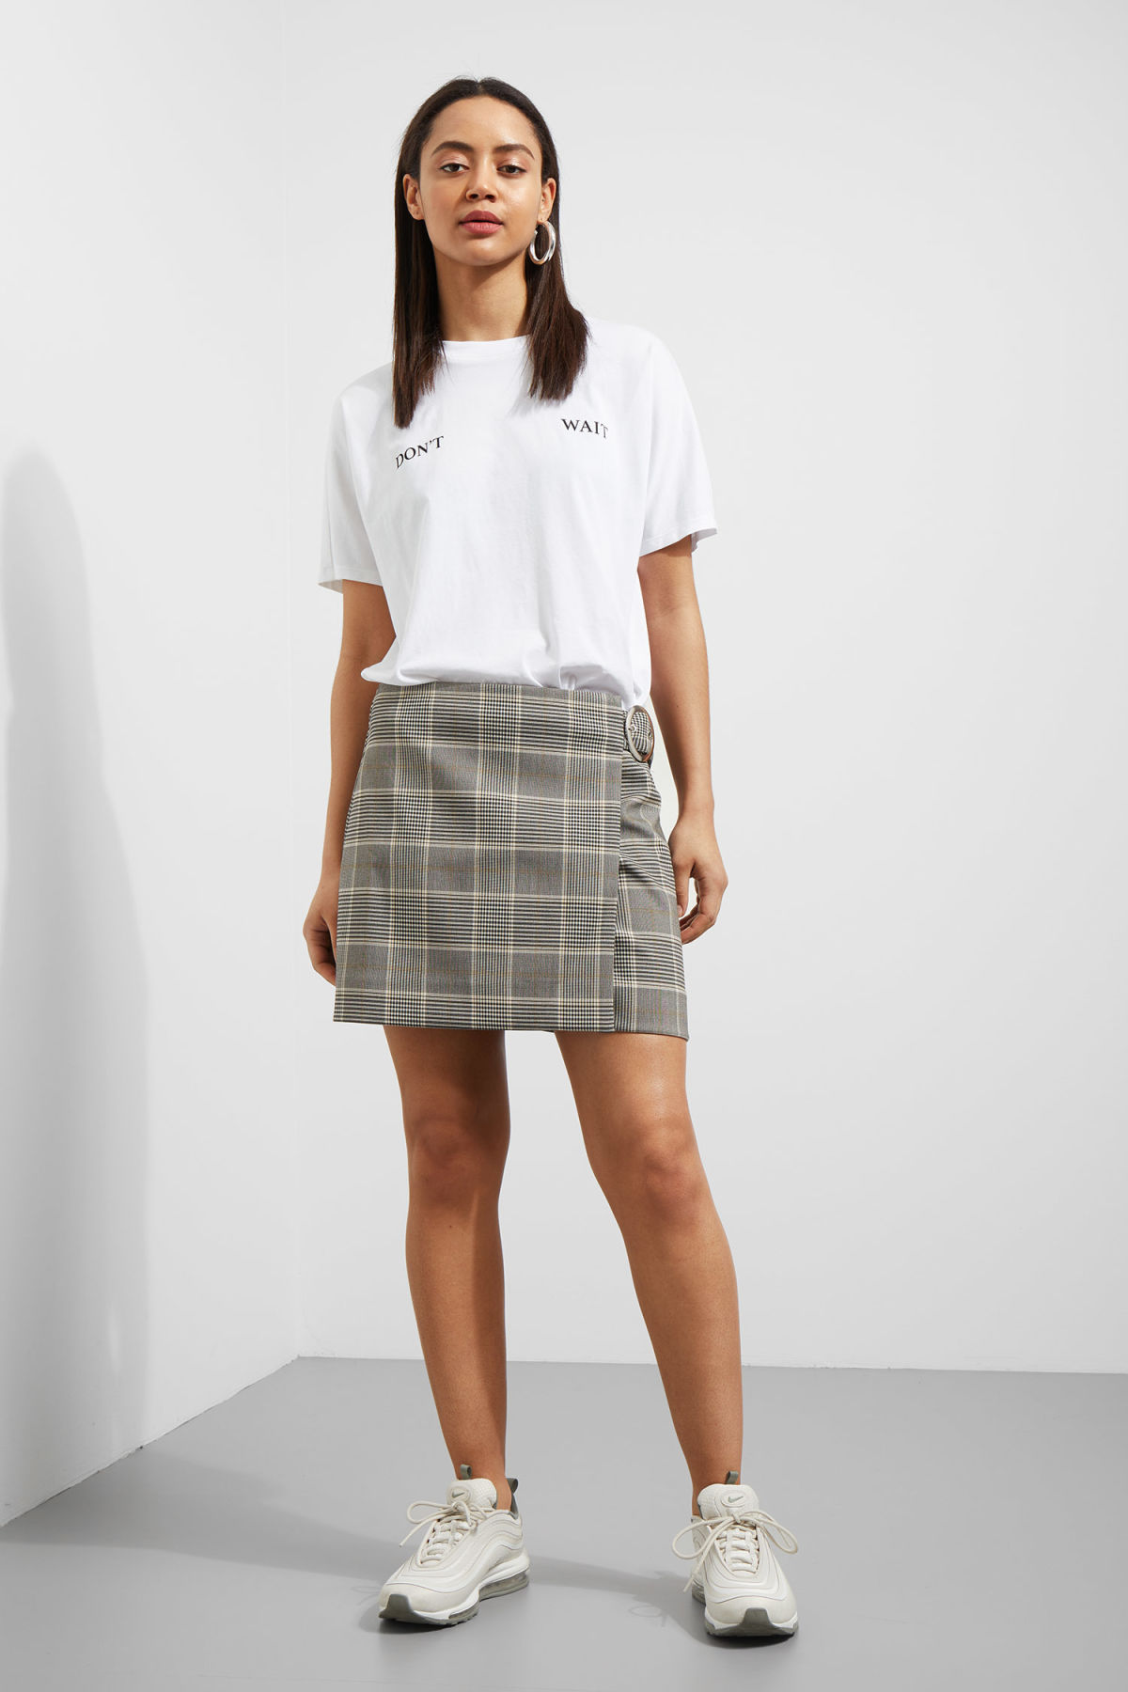 Weekday Varnish Skirt - Beige Discount Shop Pre Order For Sale naP0g519